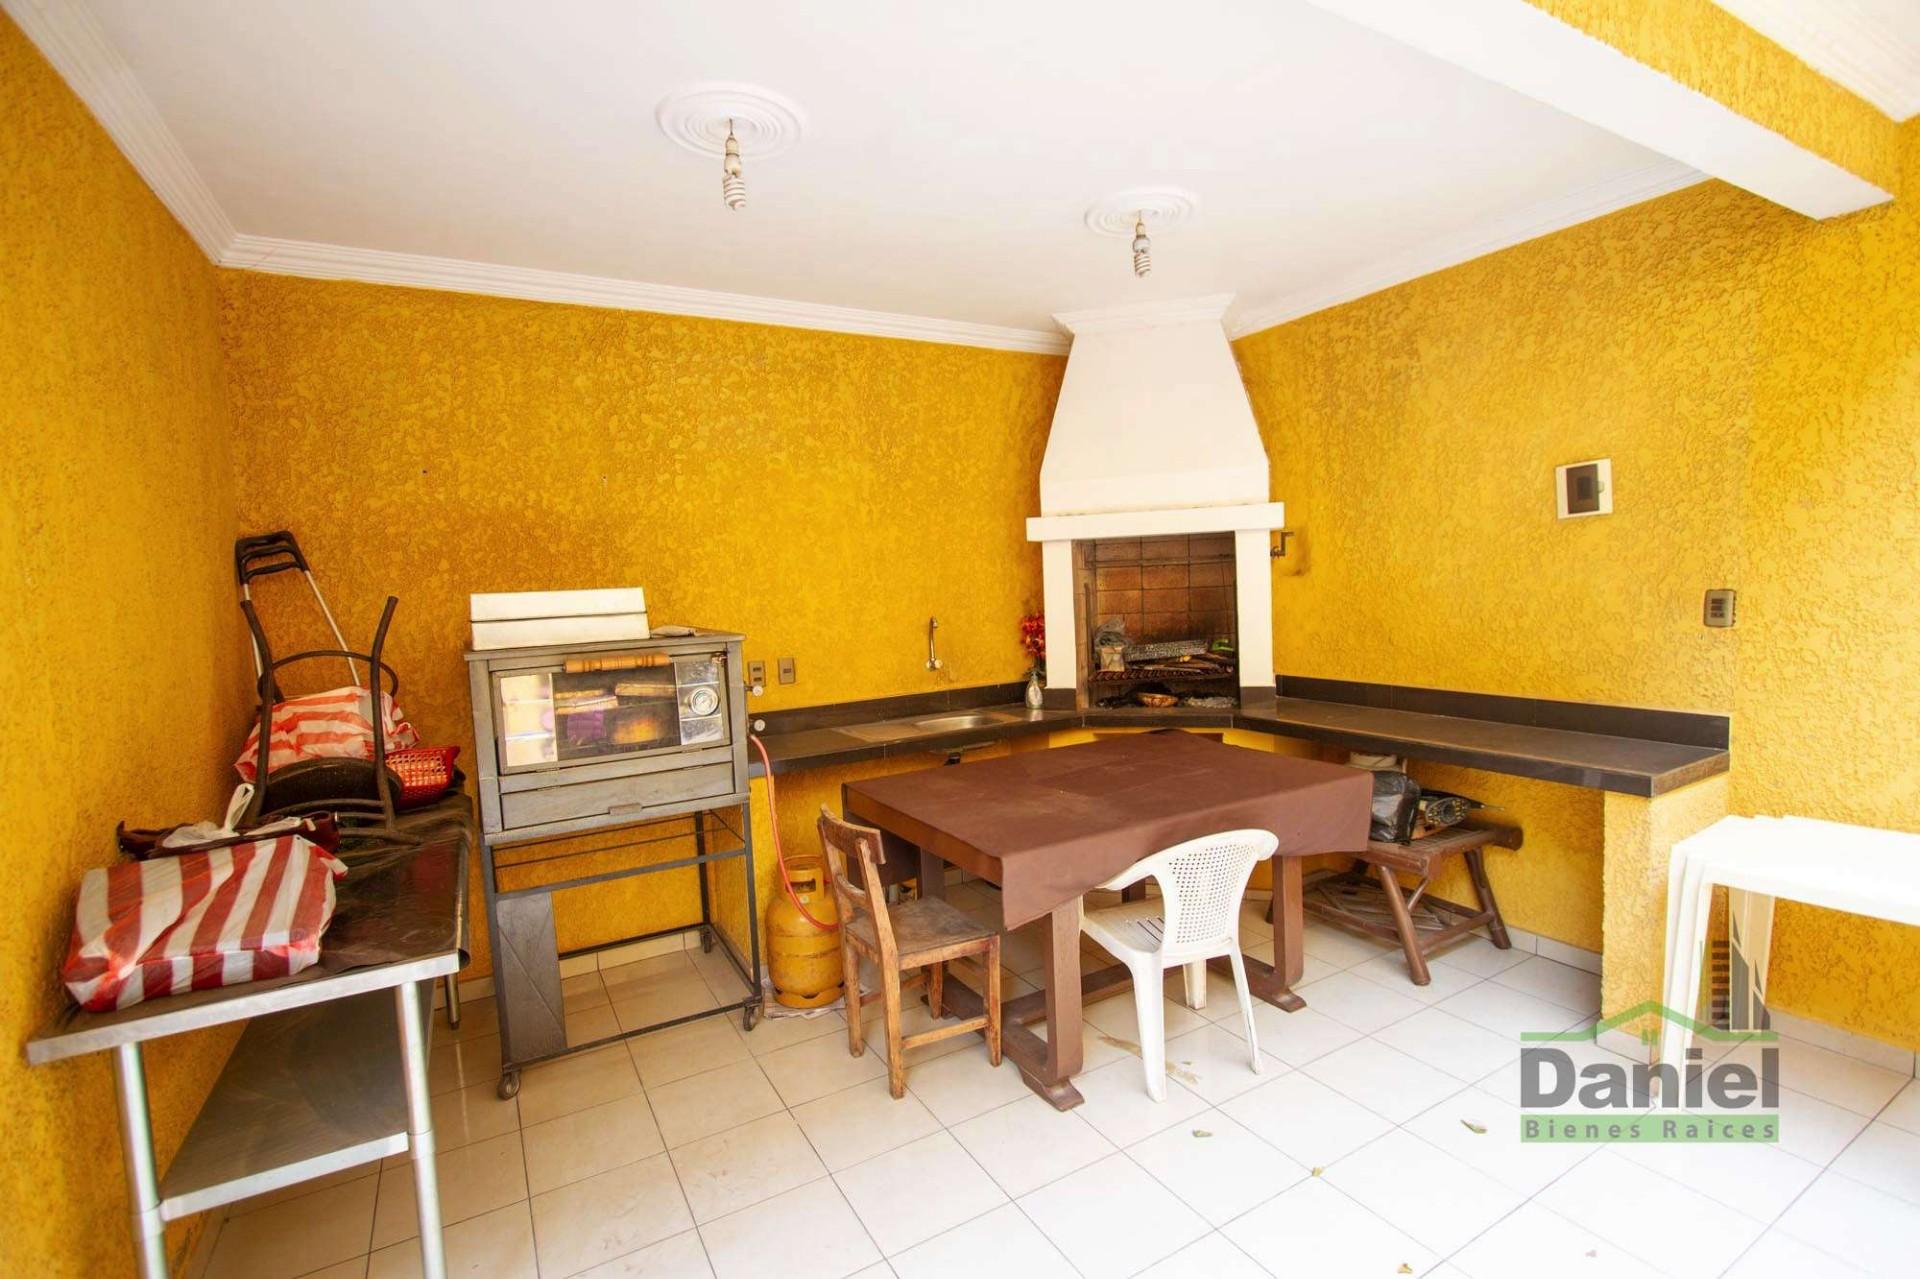 Casa en Venta EN VENTA BONITA CASA RADIAL 27 Y CALLE LOS GUAPOS Foto 23